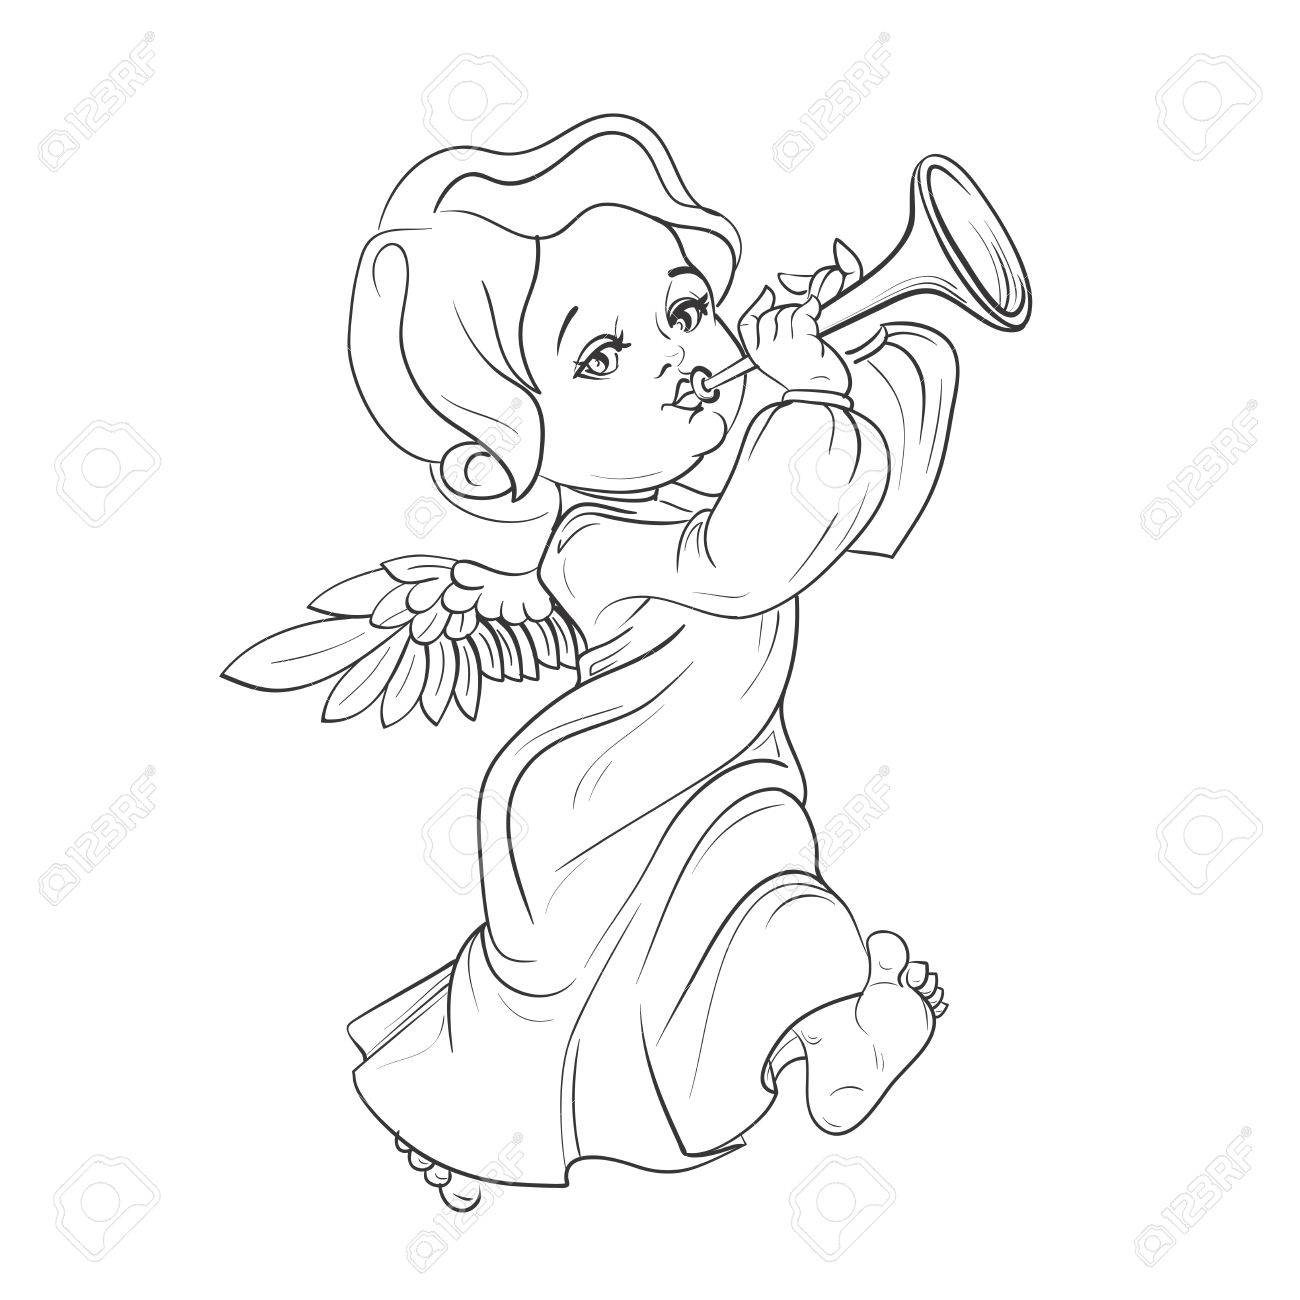 Das Nette Lächeln Kleinkind-Engel Musik Die Trompete Zu Spielen ...